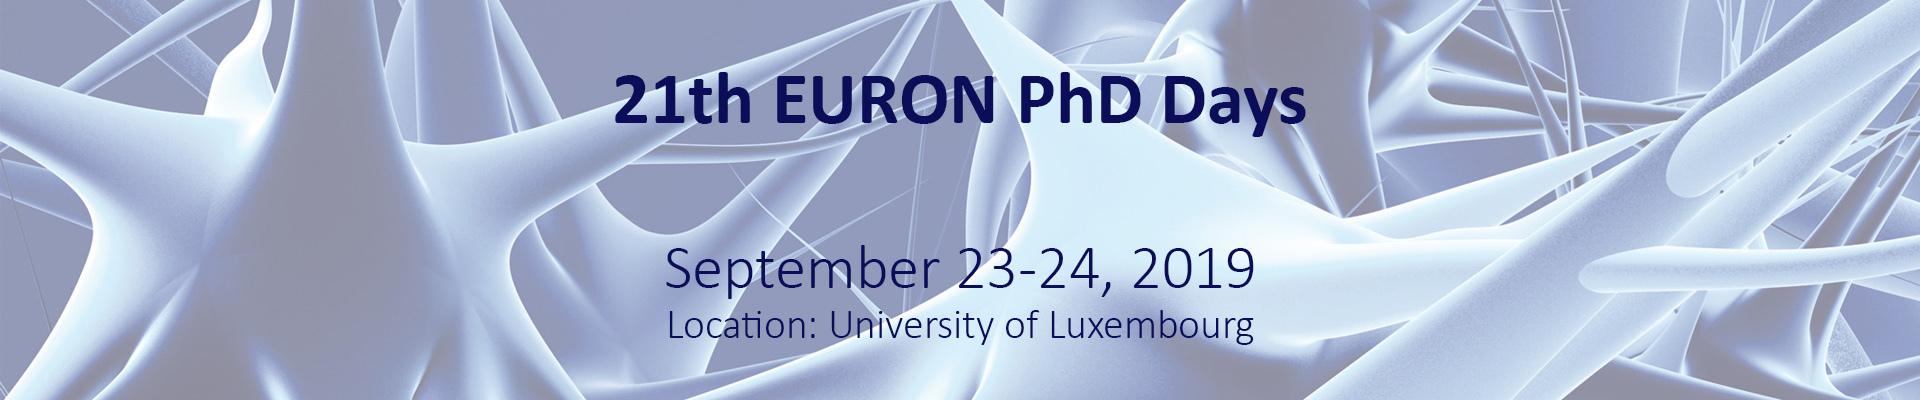 EURON PhD days